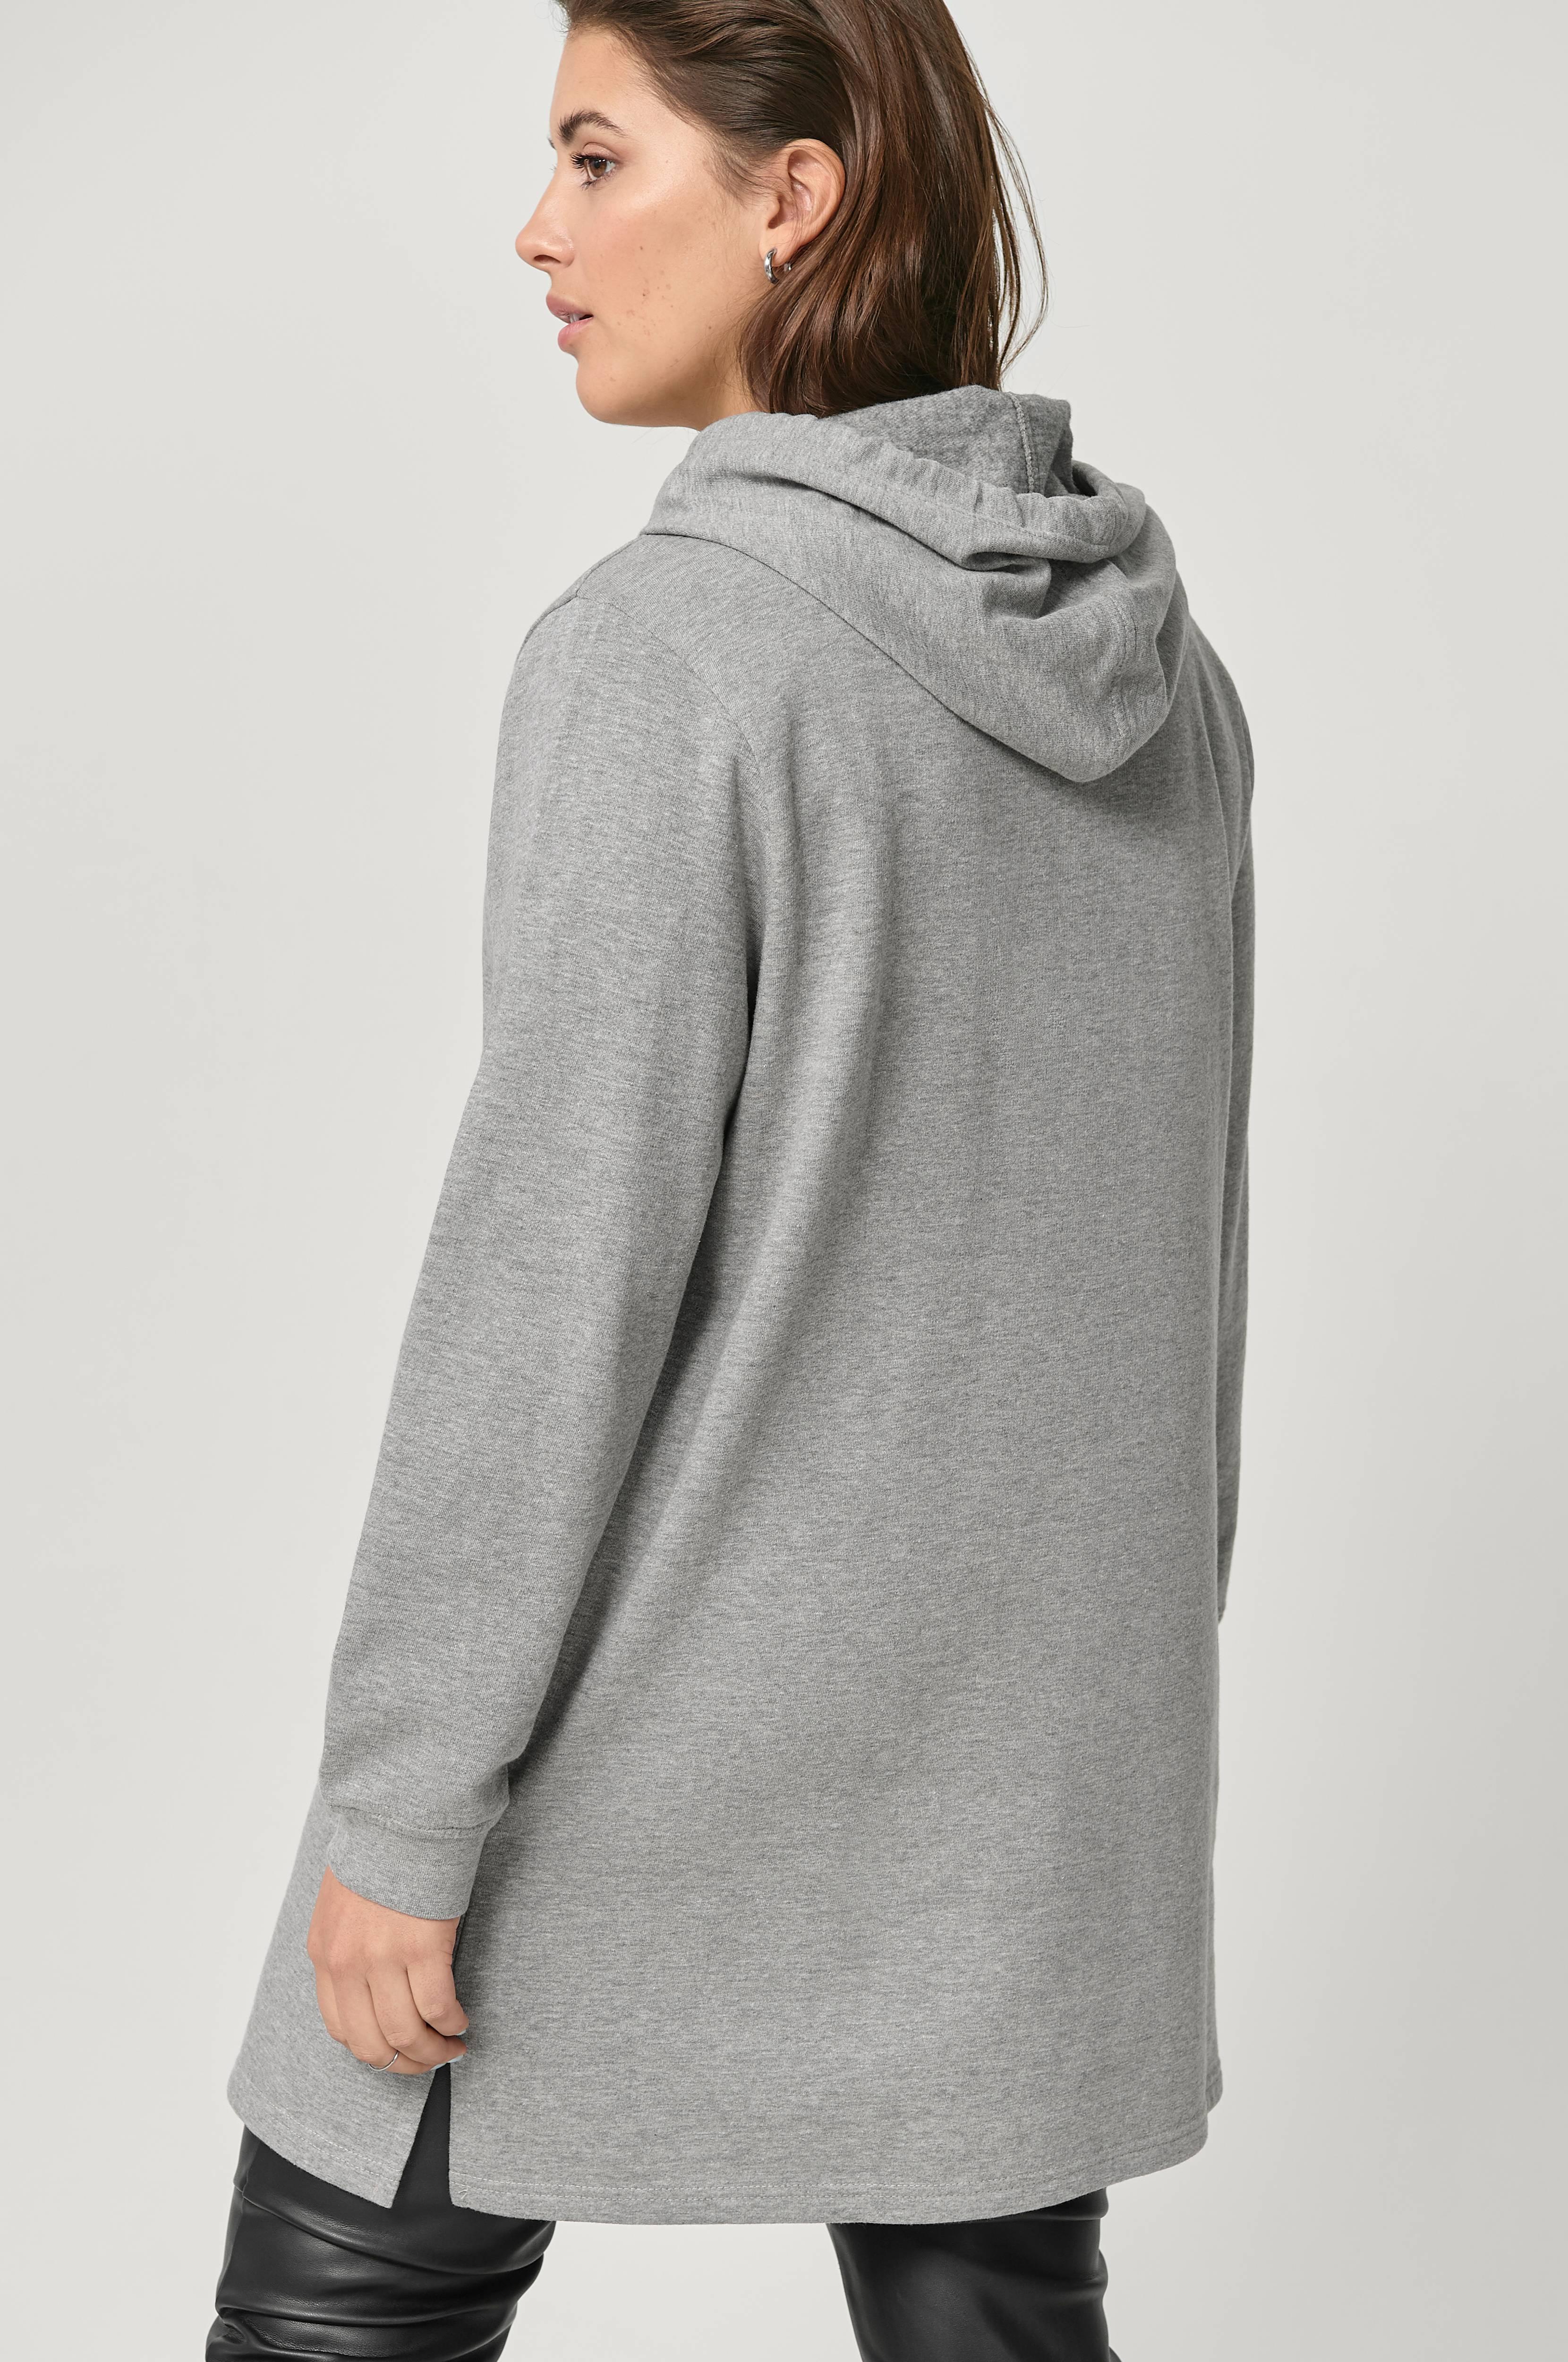 Sweatshirt Kassi